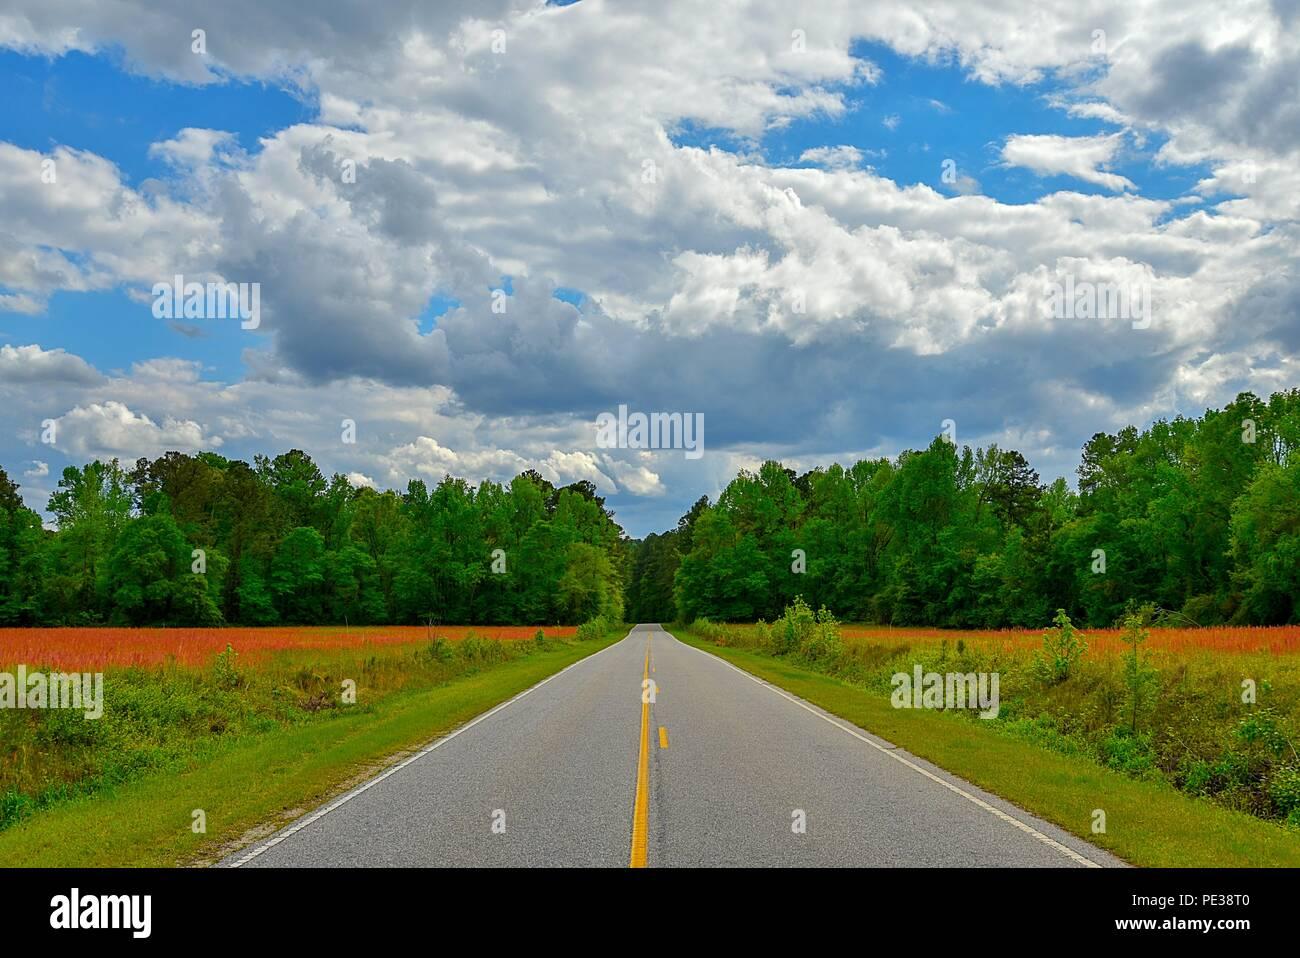 Un colorido amplio camino abierto con vistas al paisaje con un espectacular cielo nublado. Foto de stock